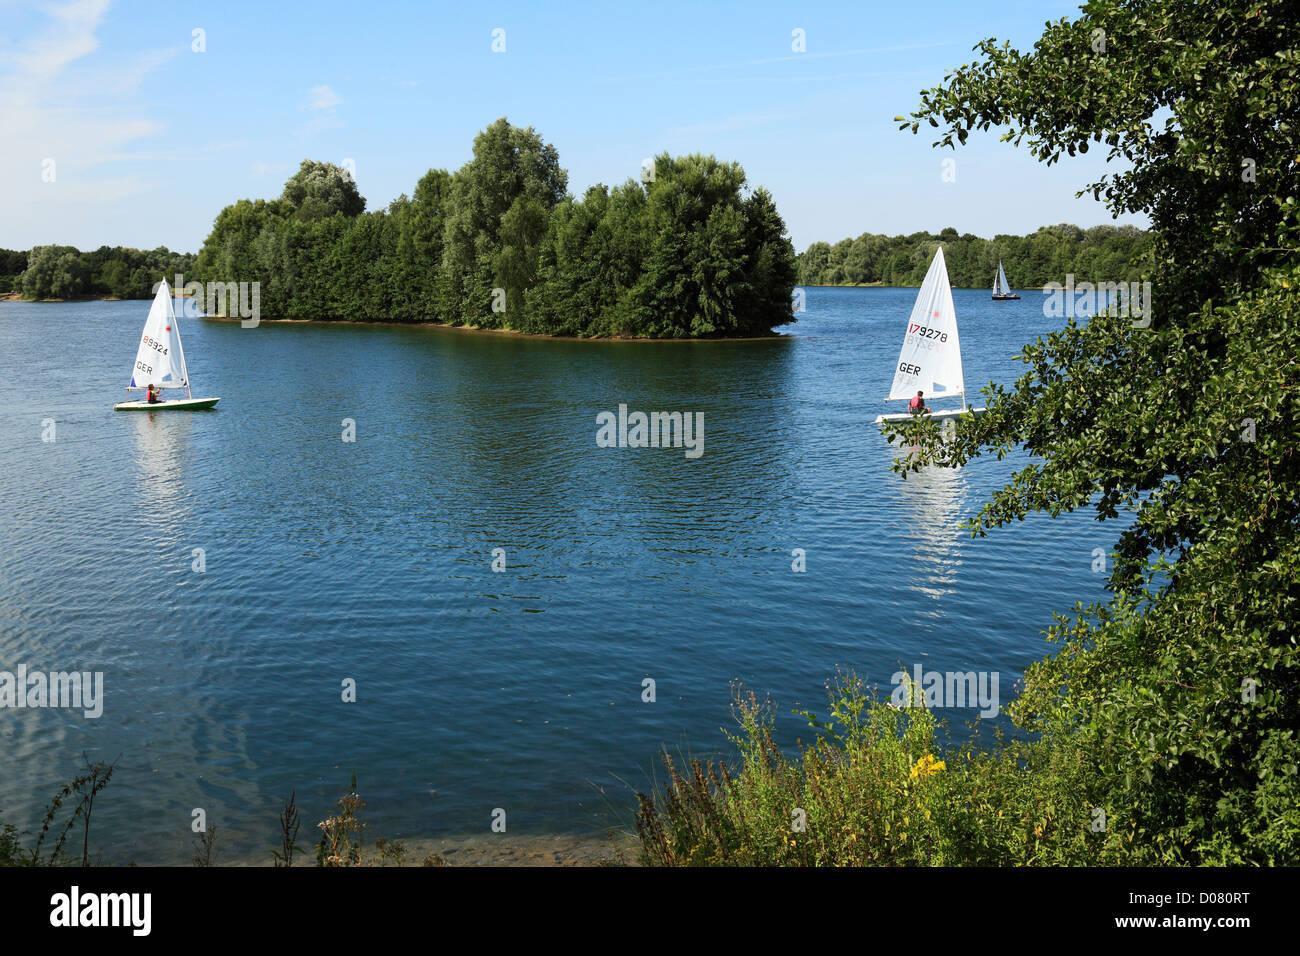 Segelboote auf dem Elfrather See in Krefeld-Uerdingen, Niederrhein, Nordrhein-Westfalen - Stock Image